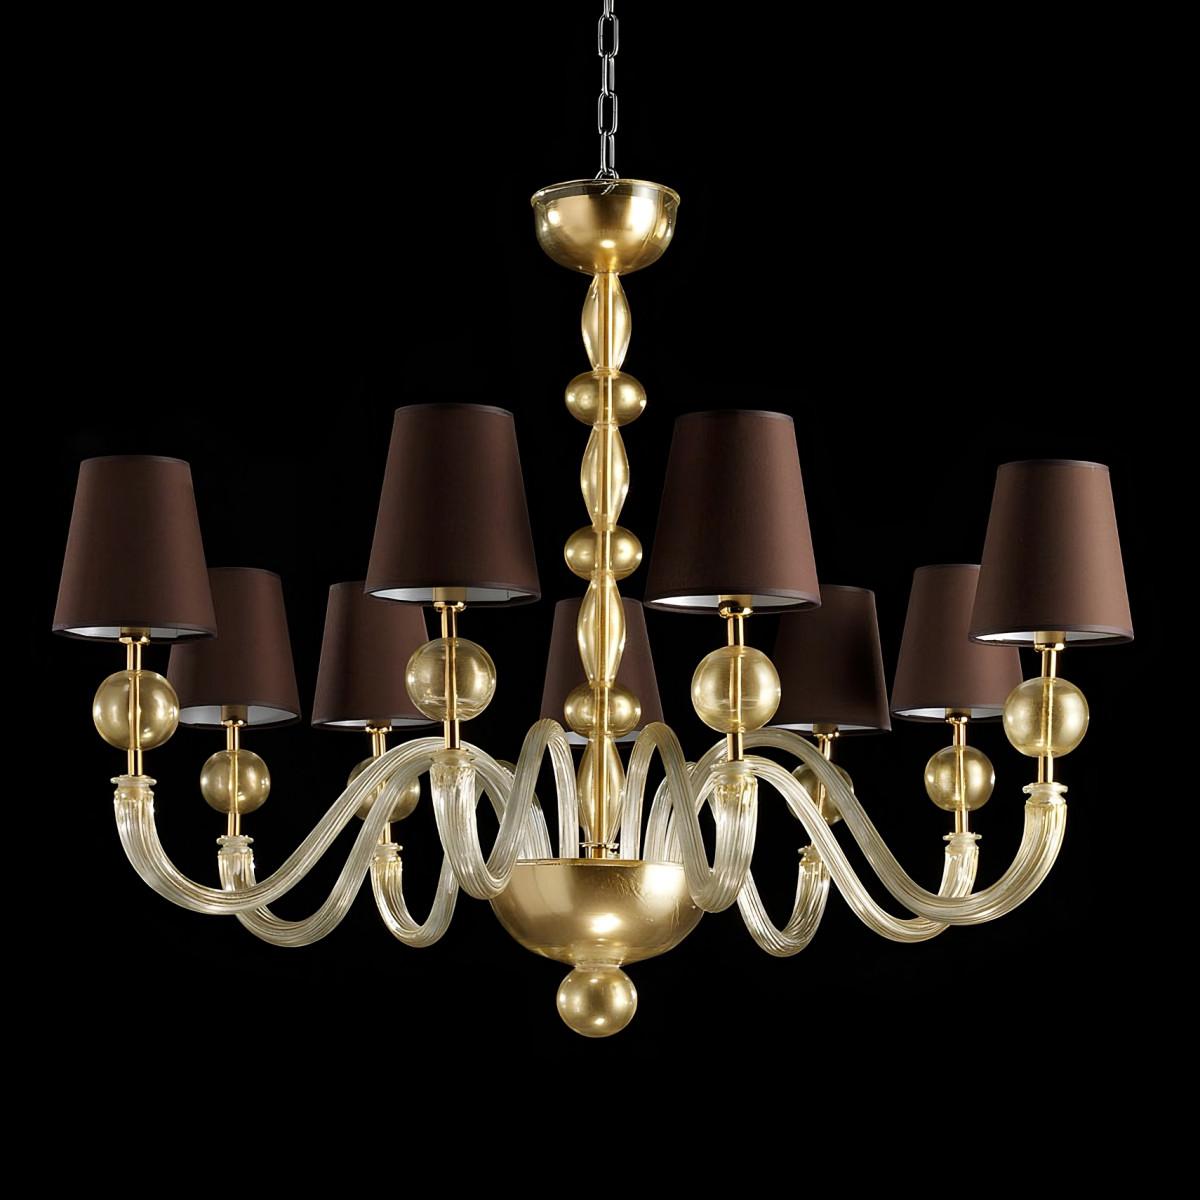 """""""Polluce"""" lampara de araña de Murano - 9 luces - color or - pantallas marron"""